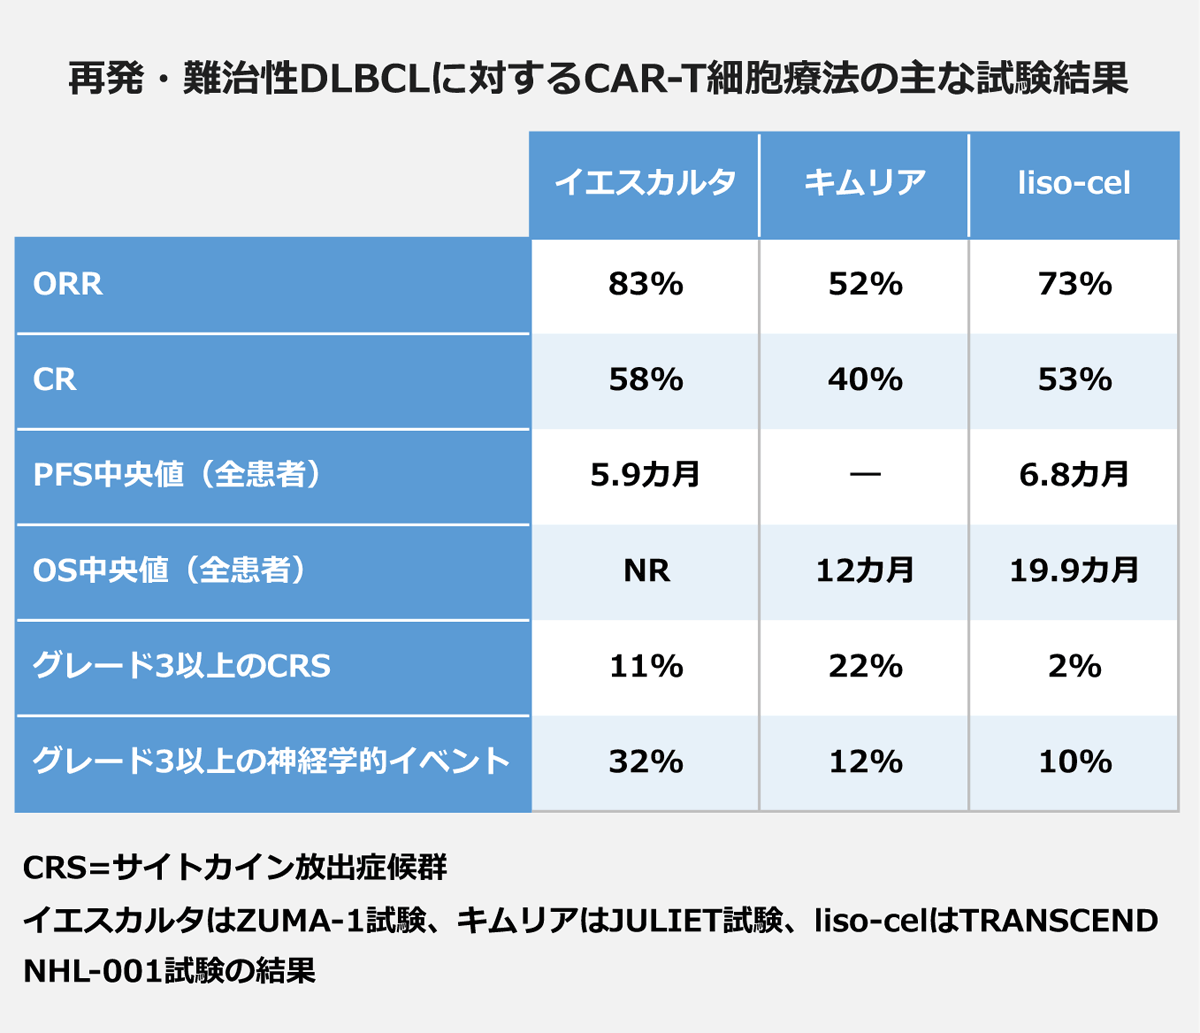 【再発・難治性DLBCLに対するCAR-T細胞療法の主な試験結果】(イエスカルタ/キムリア/liso-cel):「ORR」83%/52%/73%|「CR」58%/40%/53%|「PFS中央値(全患者)」5.9ヵ月/-/6.8ヵ月|「OS中央値(全患者)」NR/12ヵ月/19.9ヵ月|「グレード3以上のCRS」11%/22%/2%|「グレード3以上の神経学的イベント」32%/12%/10%|※CRS=サイトカイン放出症候群※イエスカルタはZUMA-1試験、liso-celはTRANSCEND NHL-001試験の結果